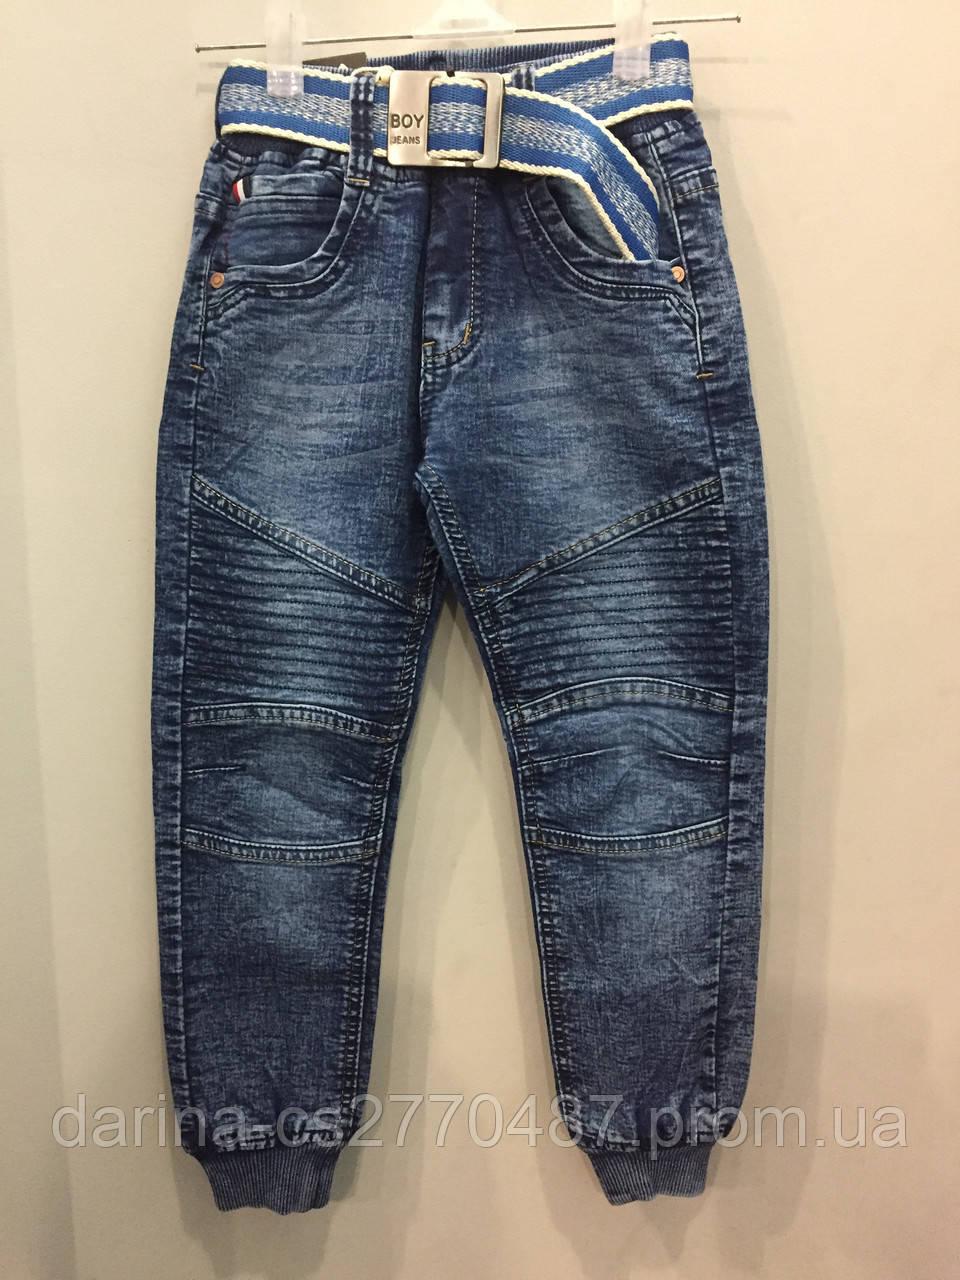 cf8c7556b6b Модные детские джинсы джоггеры для мальчика - Дарина - интернет магазин  детской и мужской одежды.